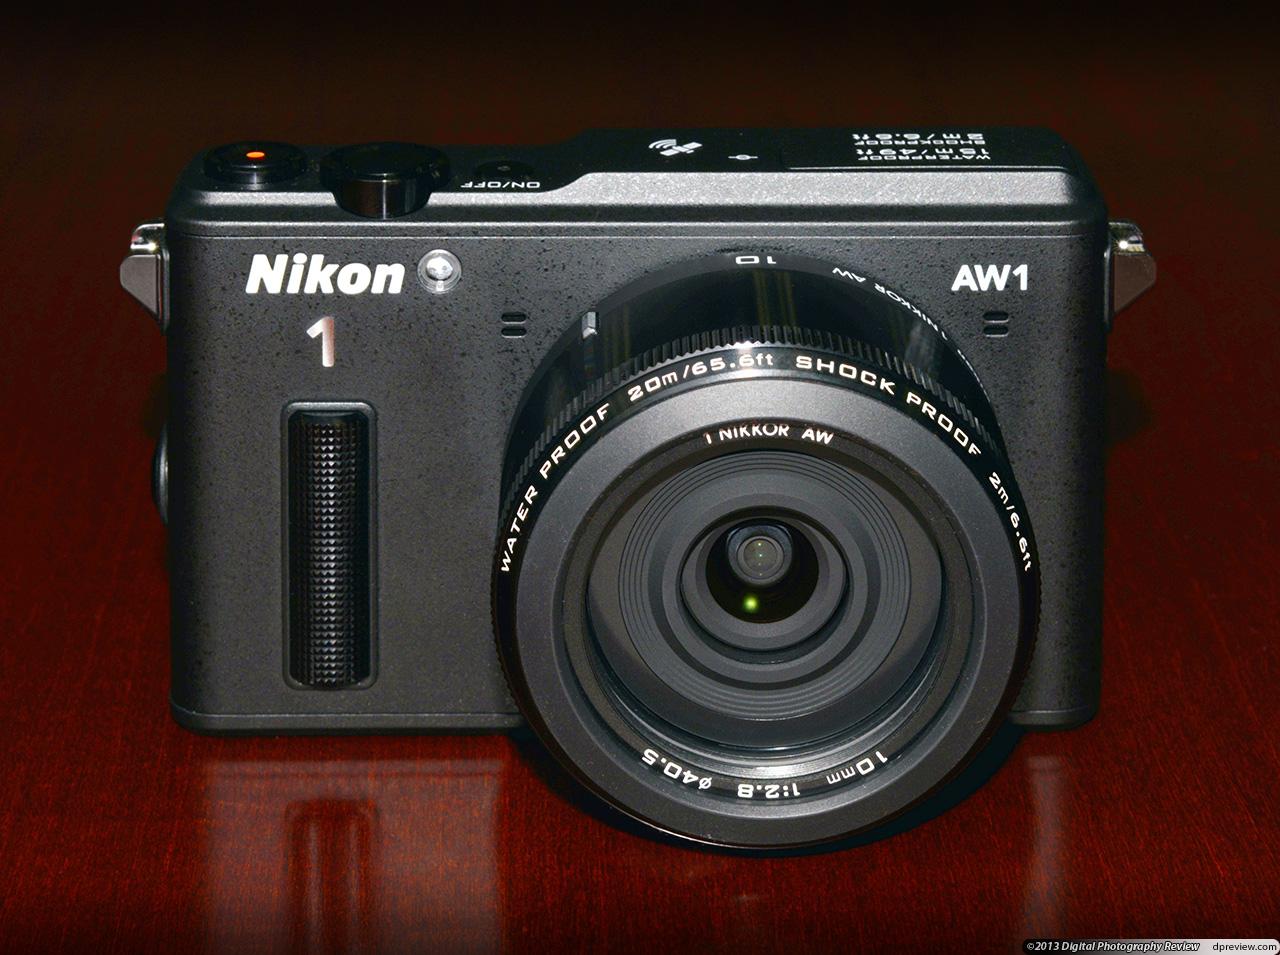 Geekpro Camera Review : Rugged compact camera waterproof compact camera nikon coolpix